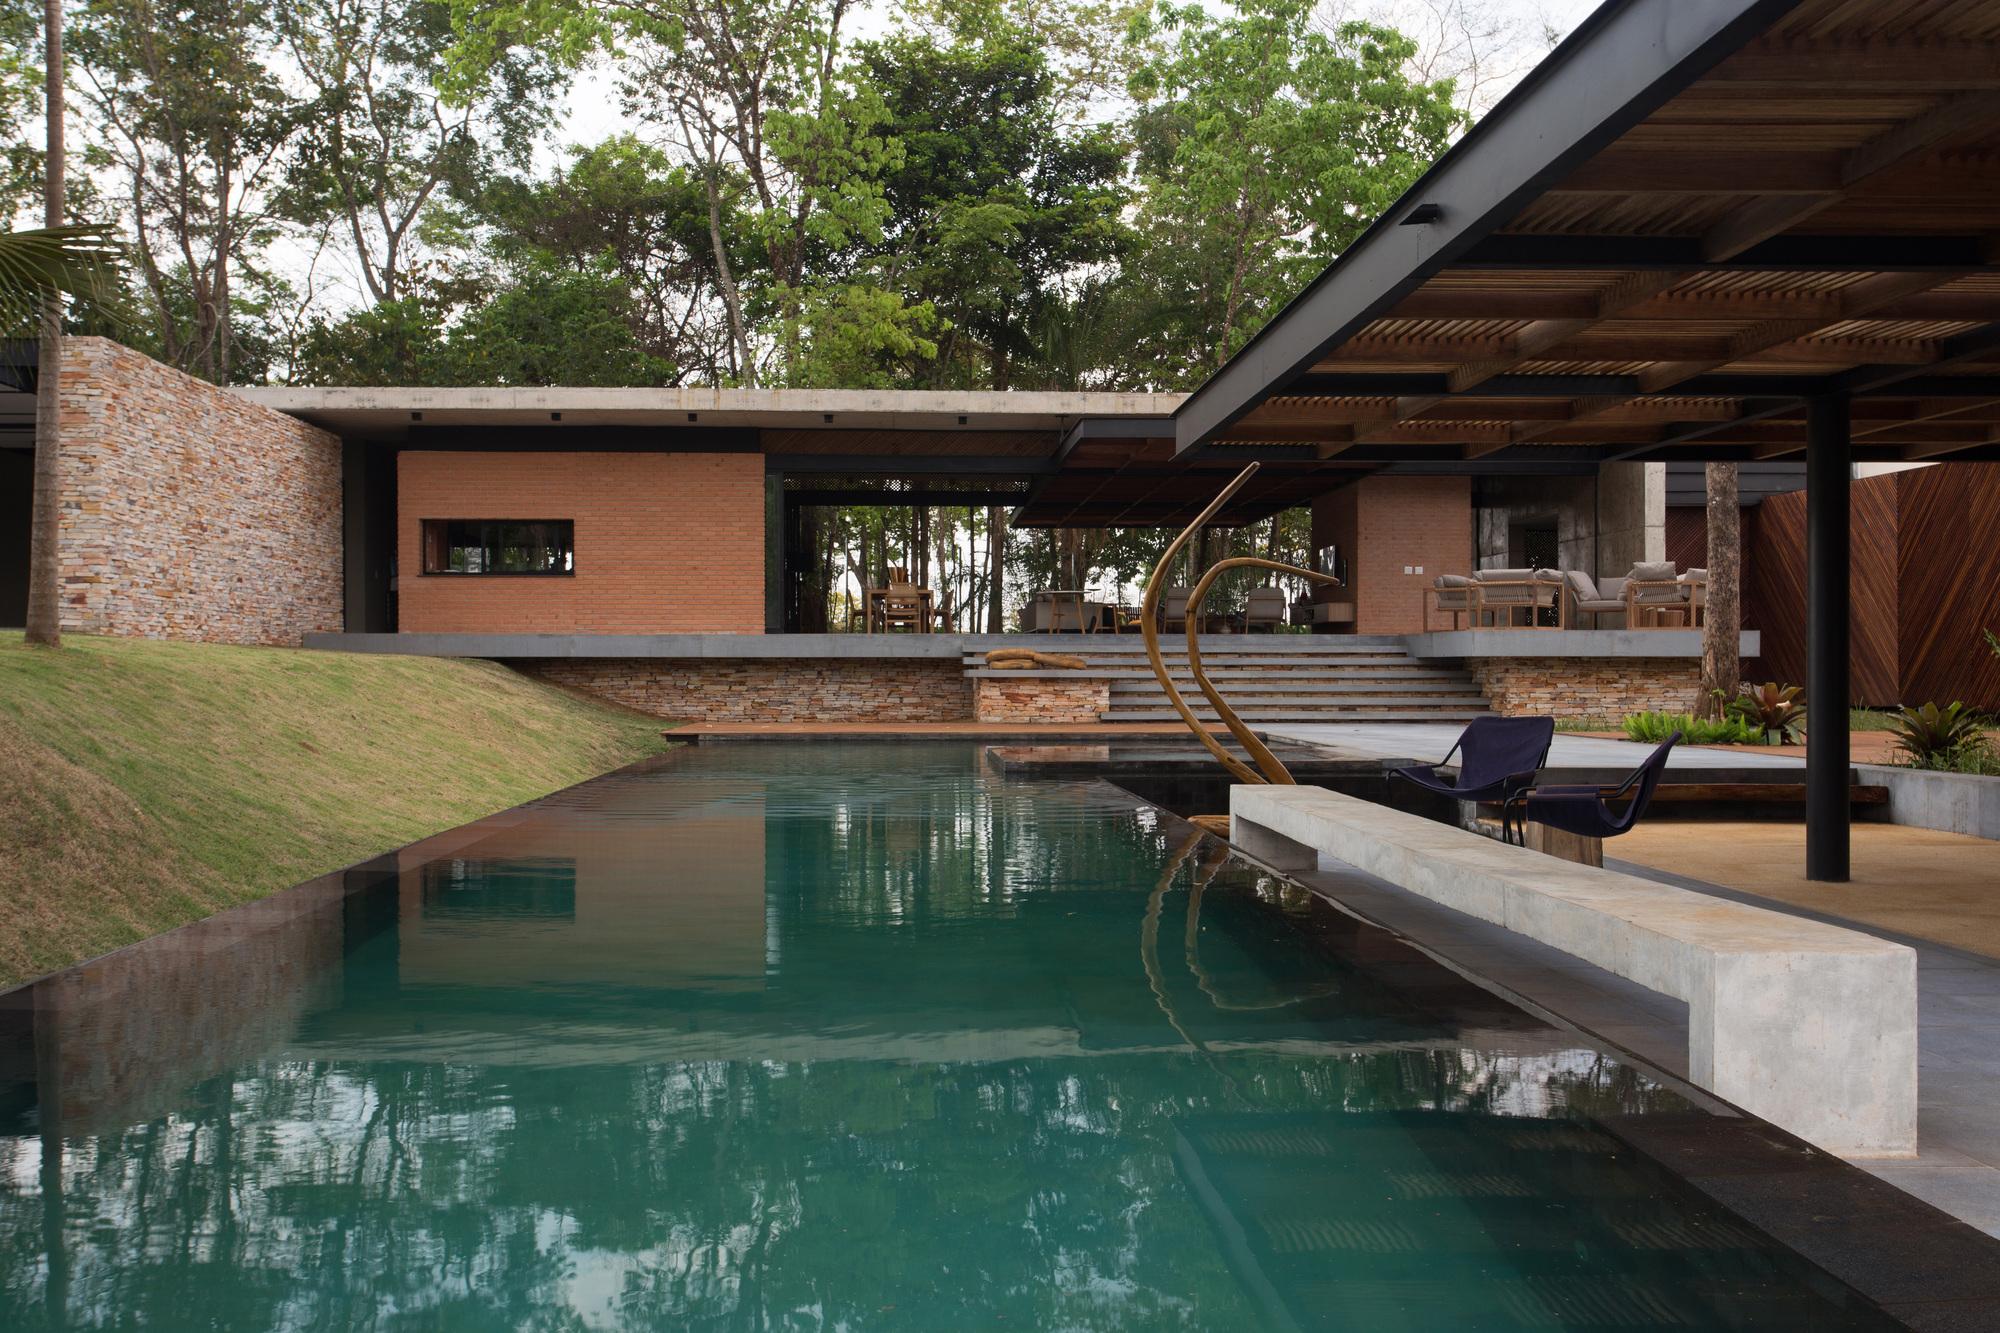 H&A House / Costaveras Arquitetos